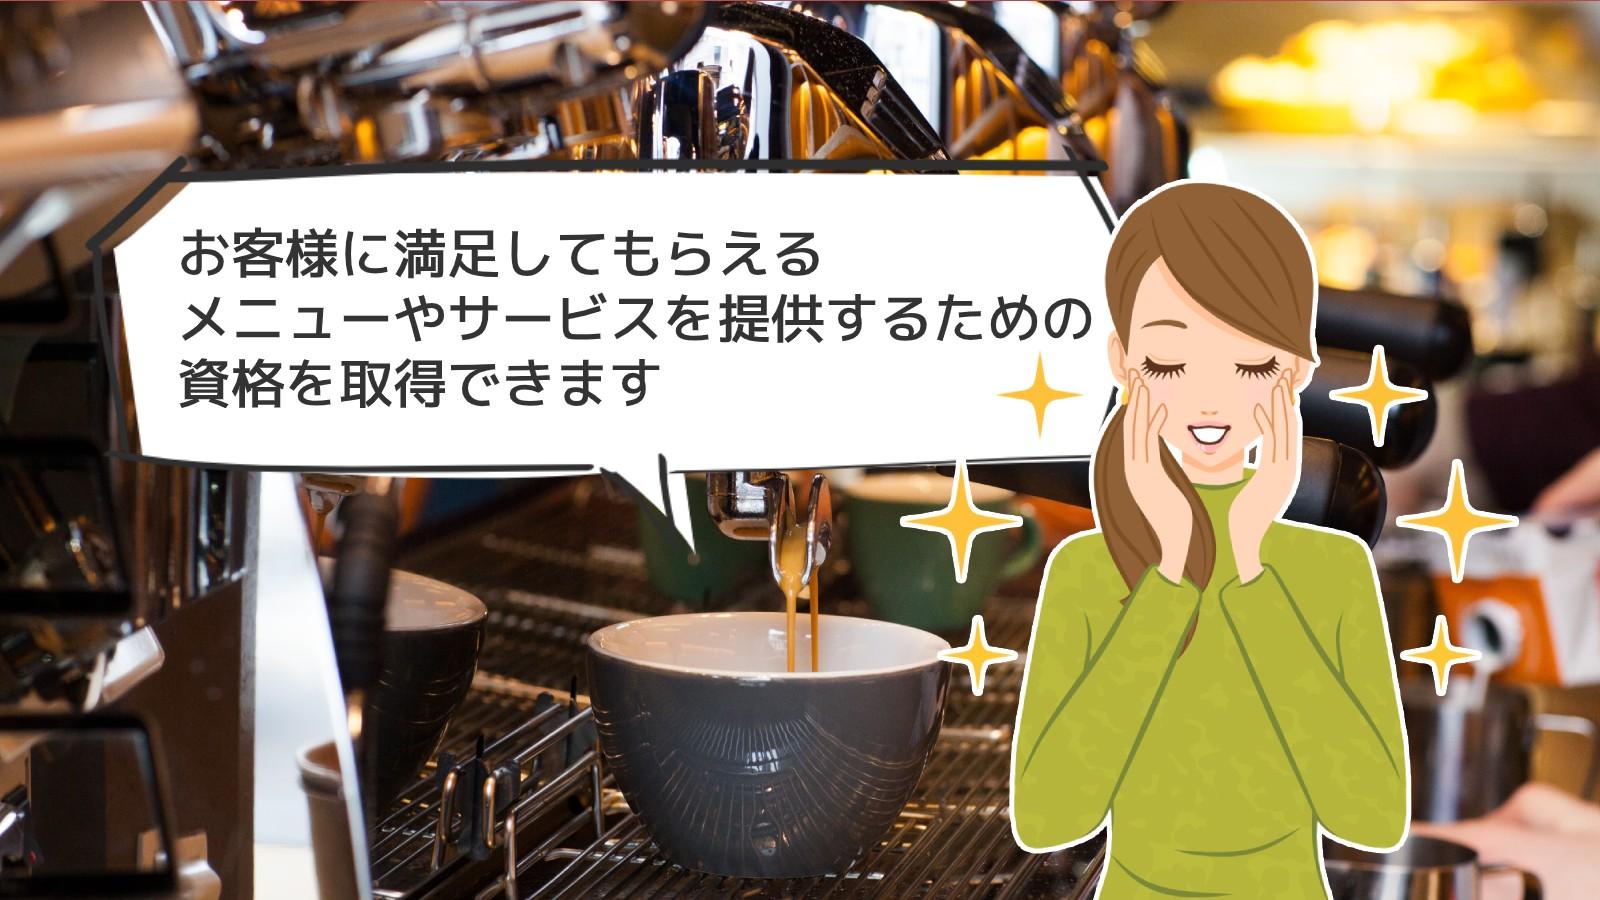 「カフェオーナー経営士資格」のアイキャッチ画像